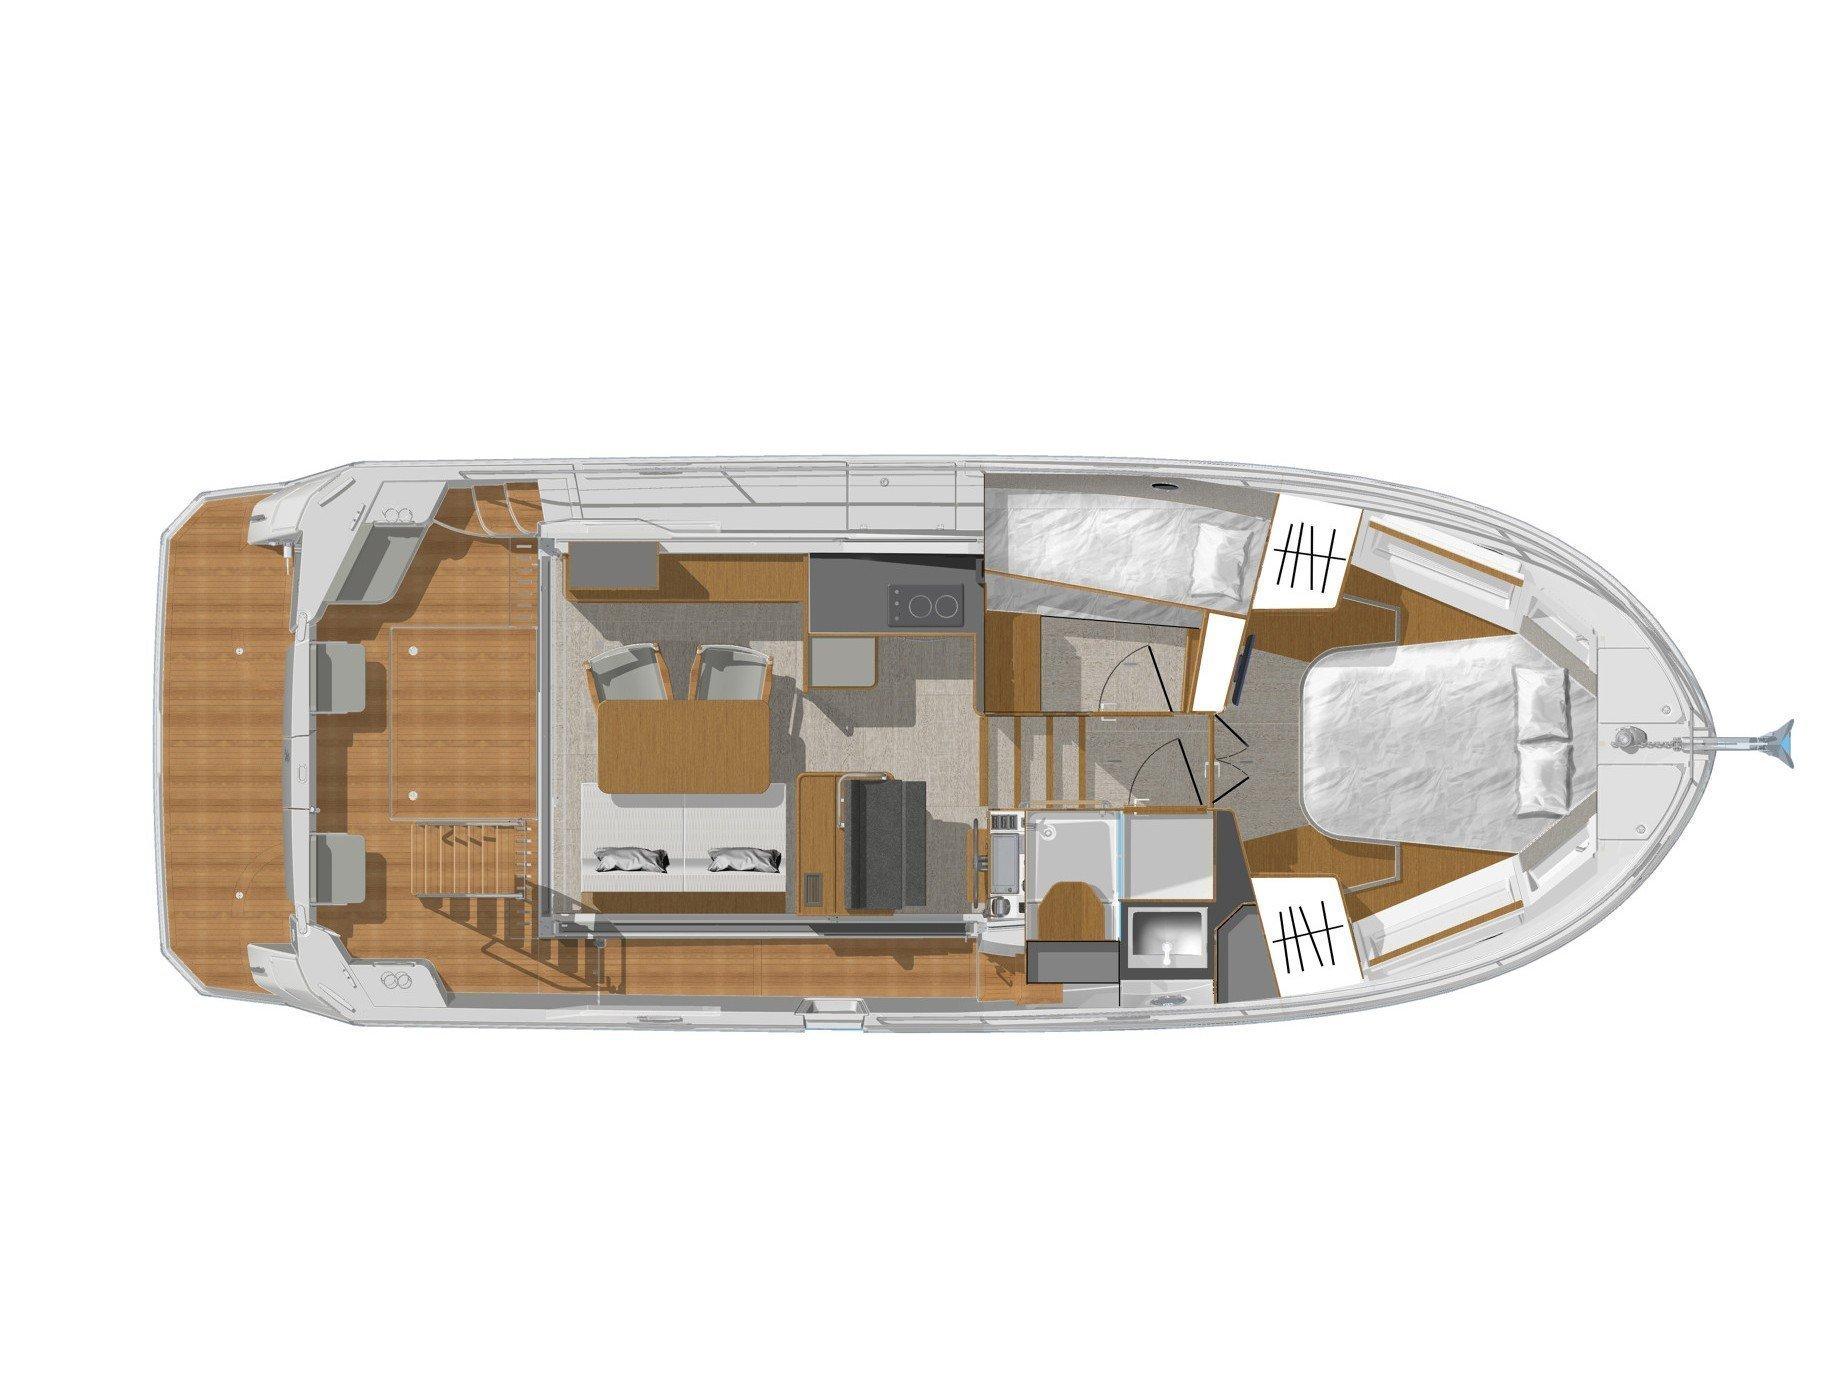 Swift Trawler 35 (Moritz ) Plan image - 1